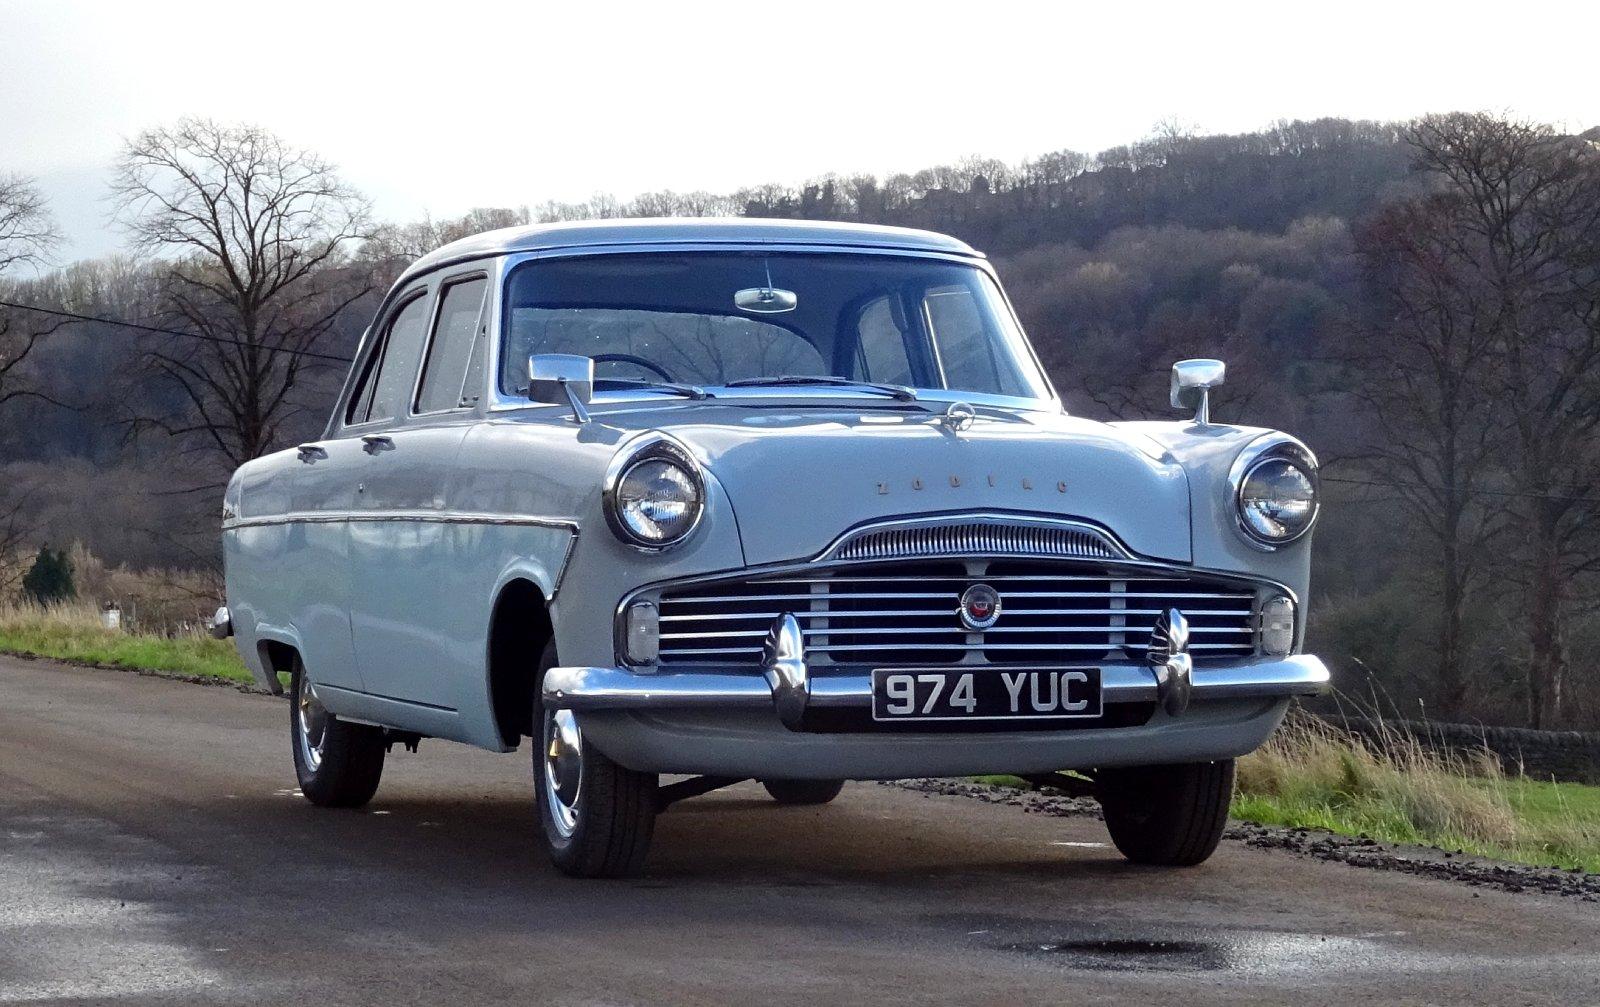 1960 FORD ZODIAC MK2 LOWLINE ORIGINAL TWO TONE COLOUR SCHEME For Sale (picture 1 of 6)